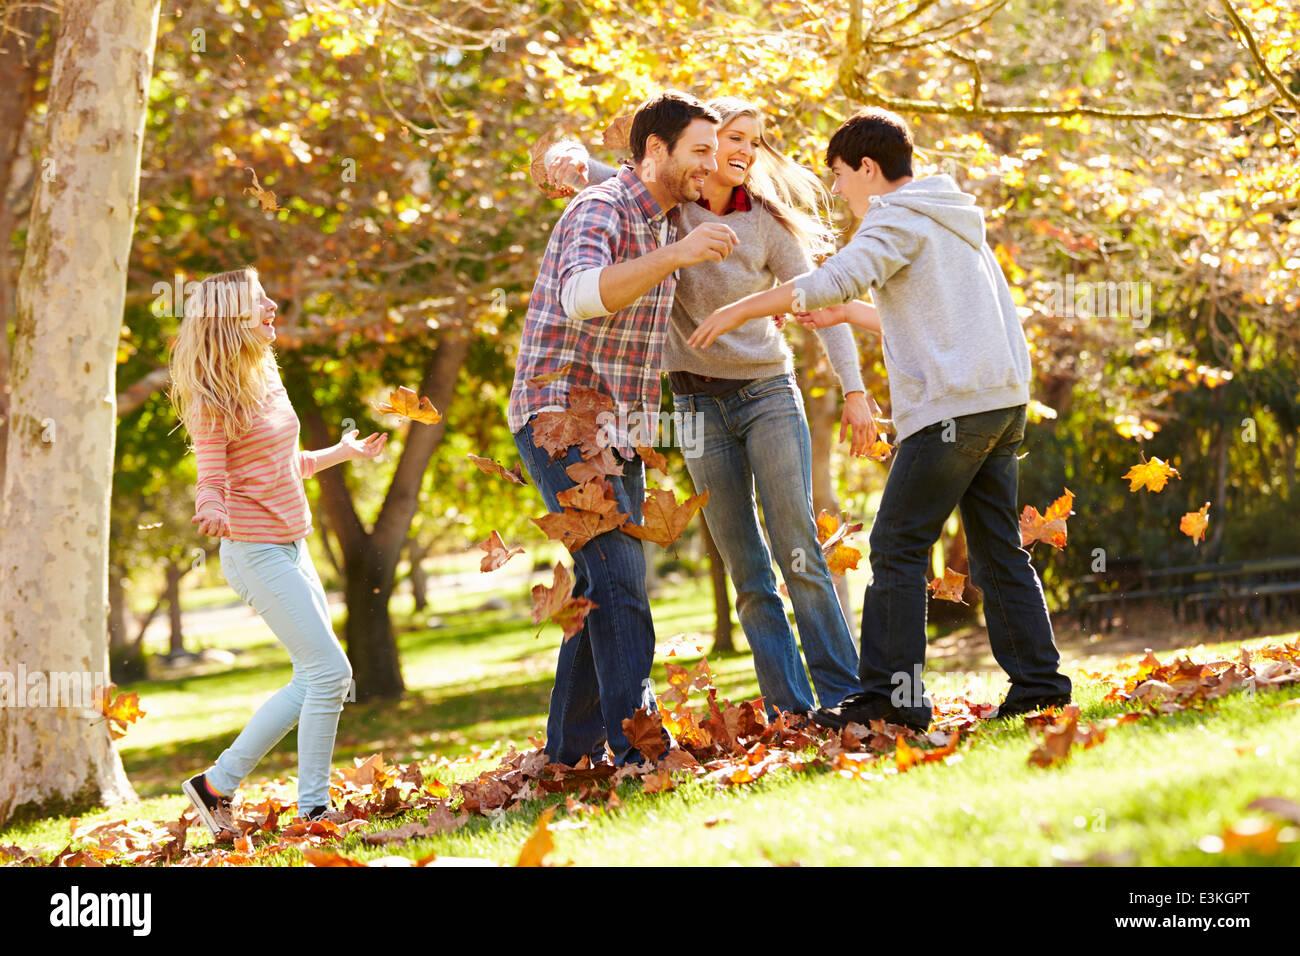 Famiglia di gettare le foglie di autunno in aria Immagini Stock